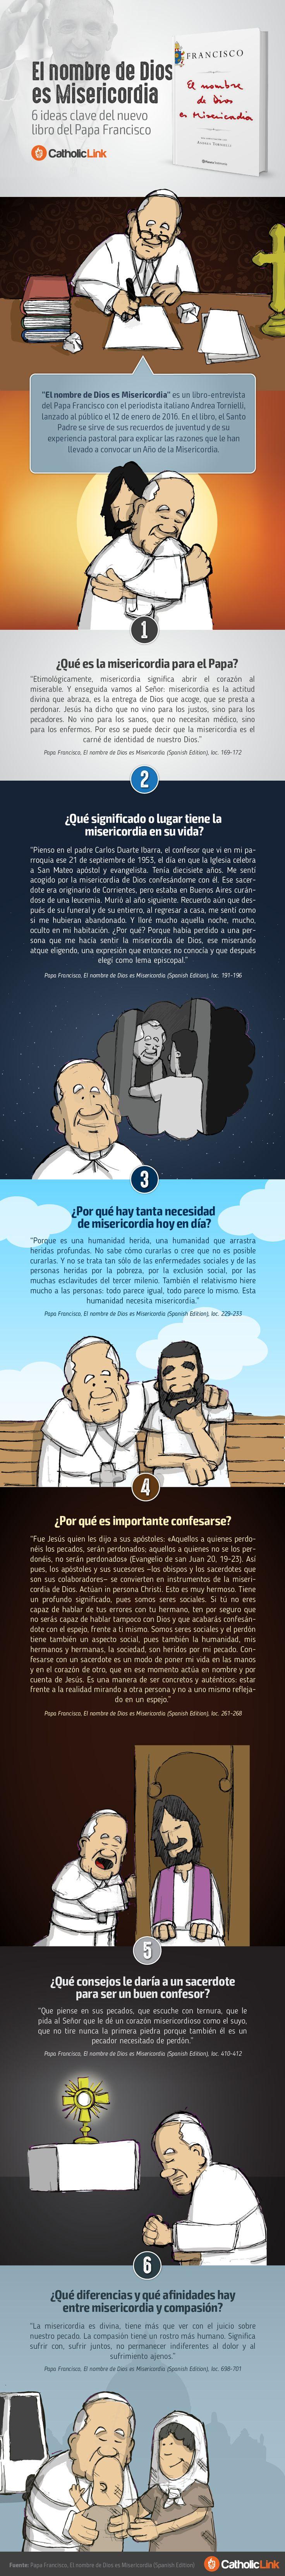 Infografa 6 puntos clave del nuevo libro del Papa Francisco El nombre de